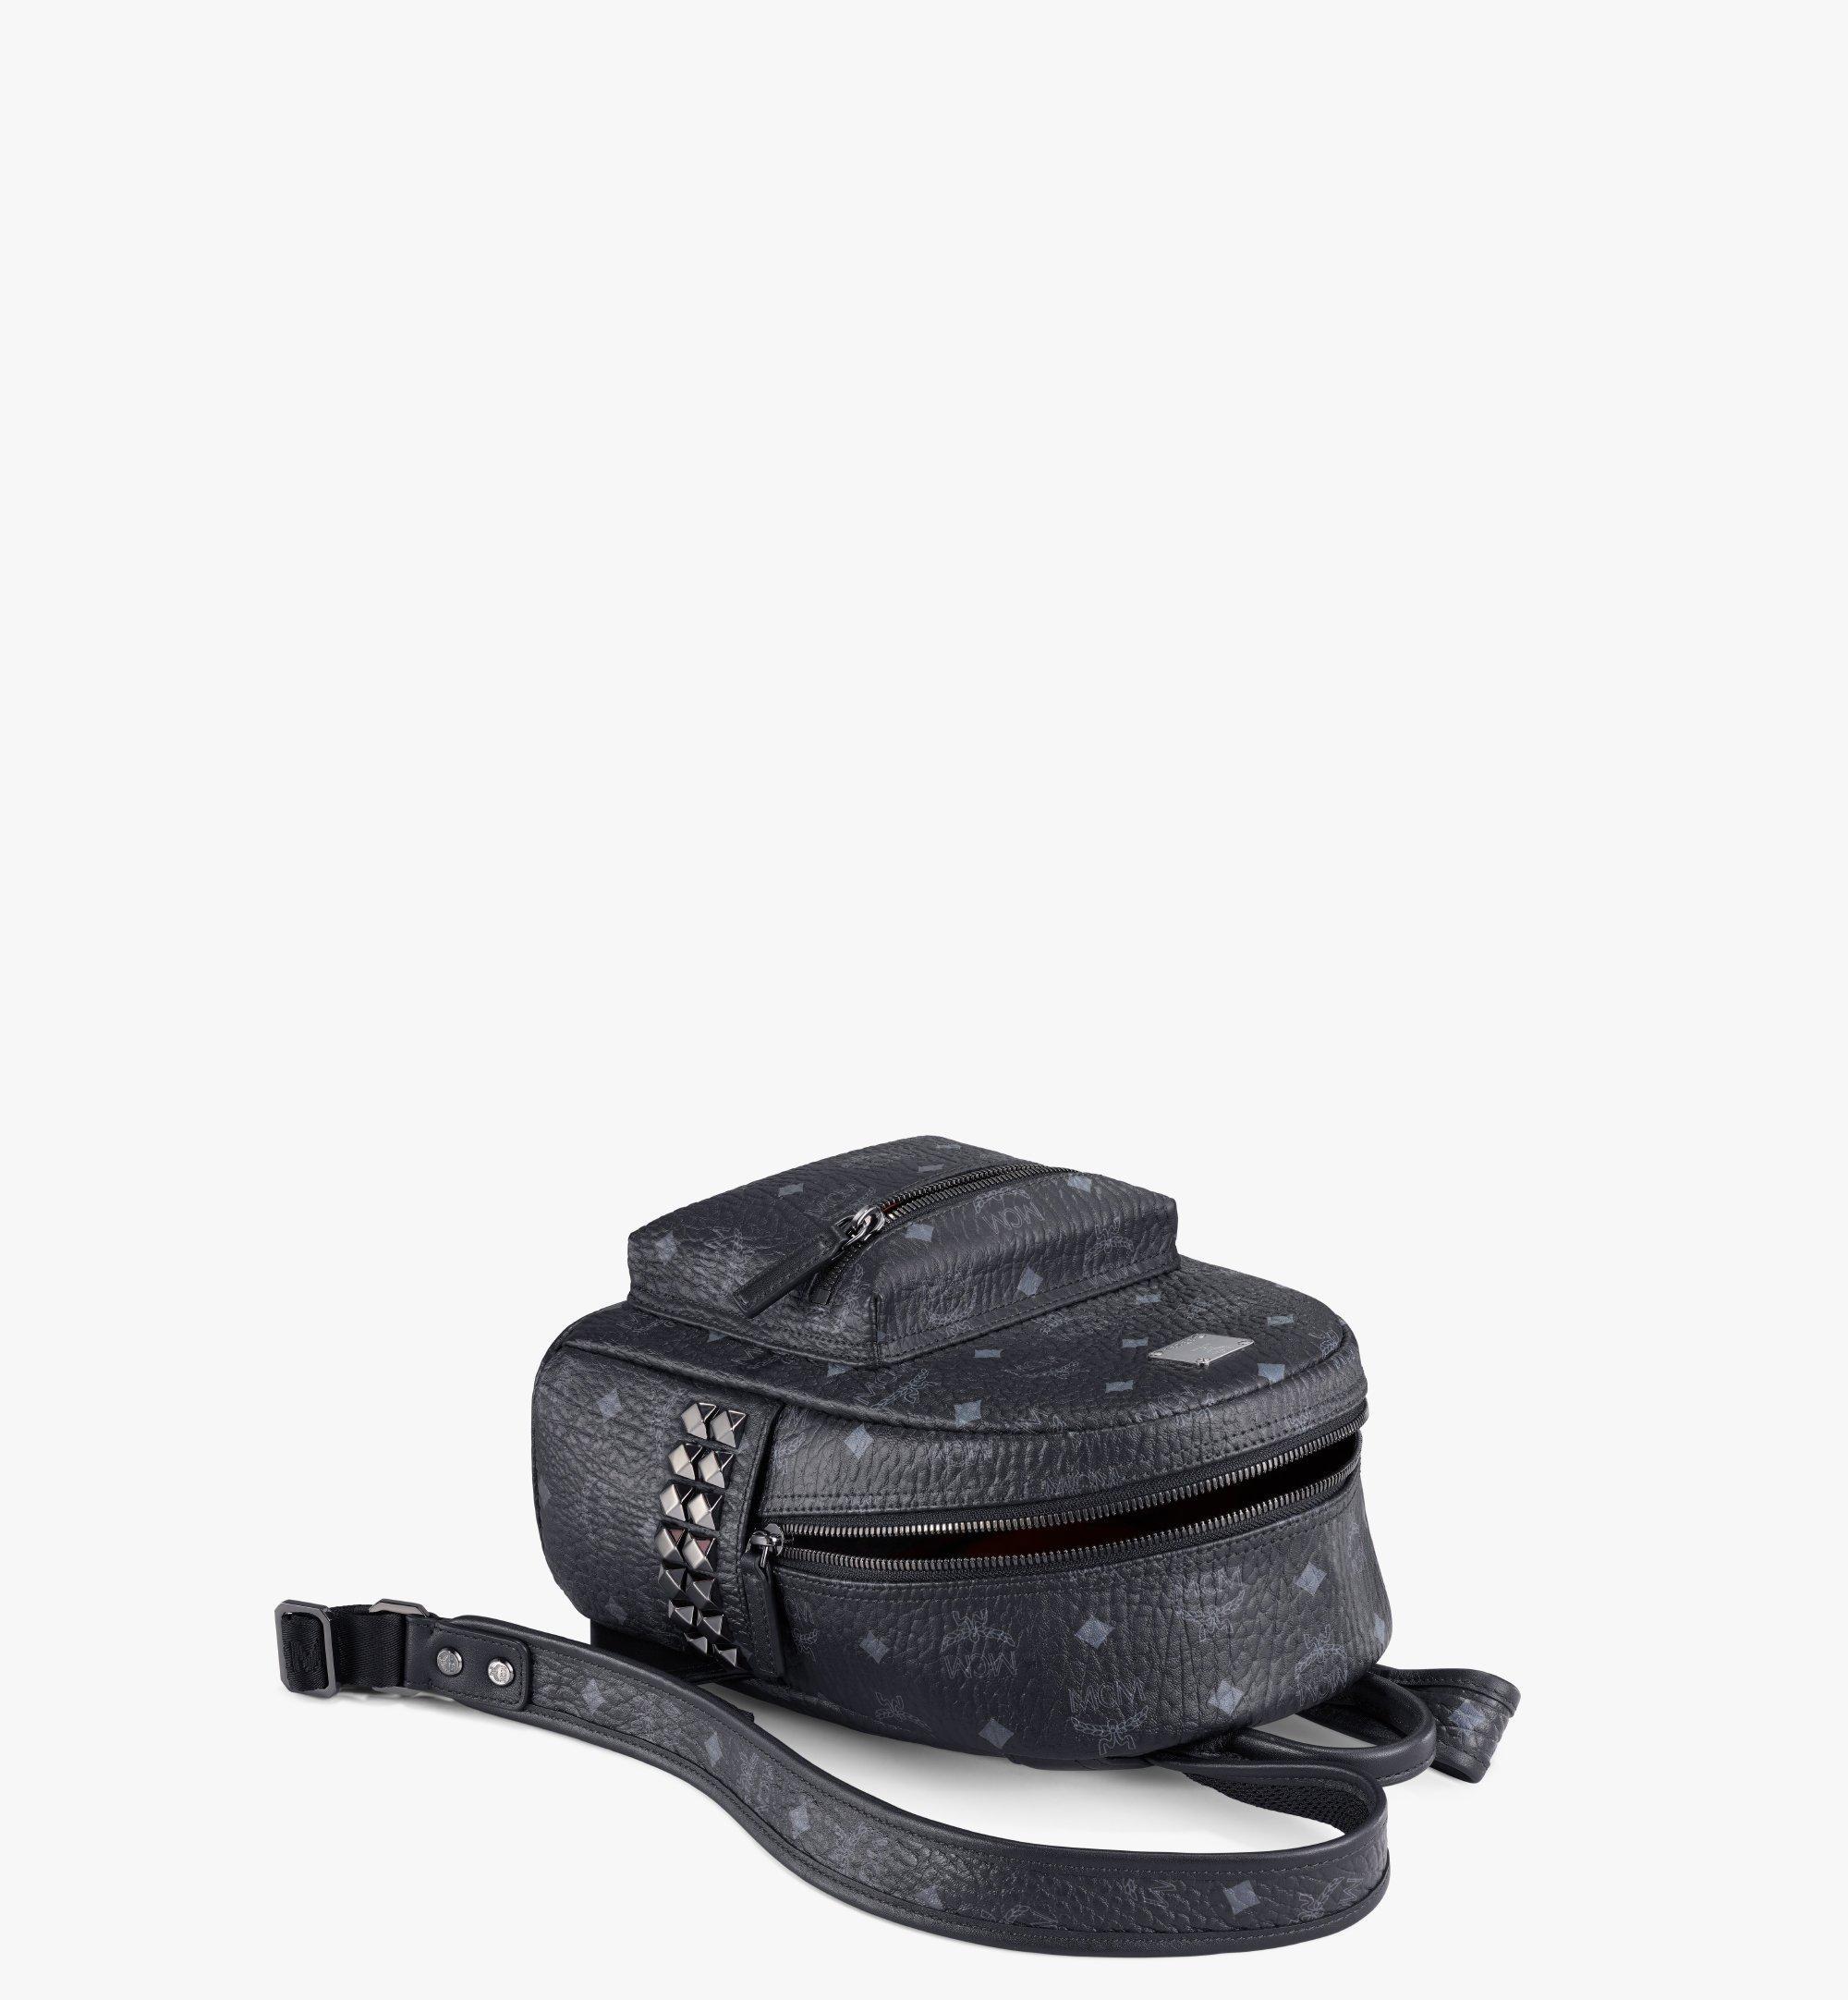 MCM Stark Rucksack in Visetos mit seitlichen Nieten Black MMK6SVE41BK001 Noch mehr sehen 2